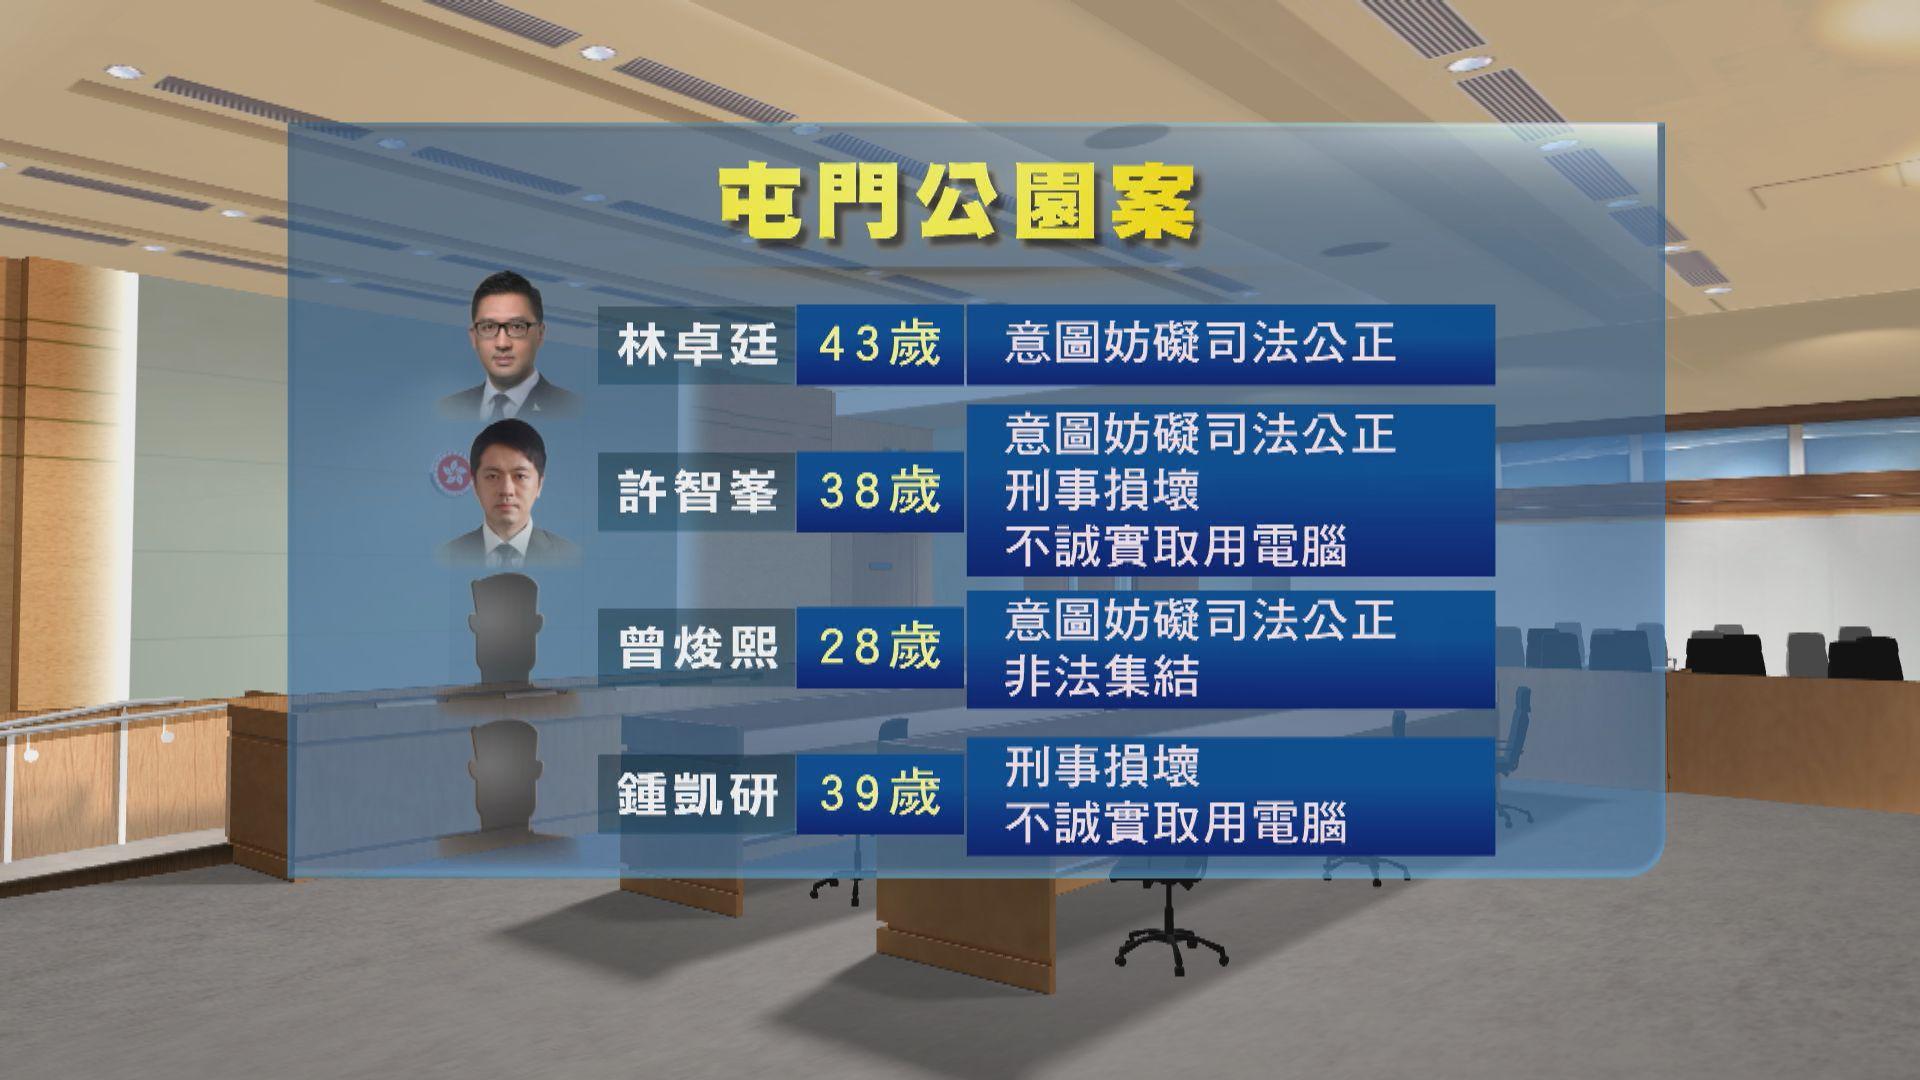 721元朗站暴動案押後至10月12日再訊 林卓廷等七人獲准保釋